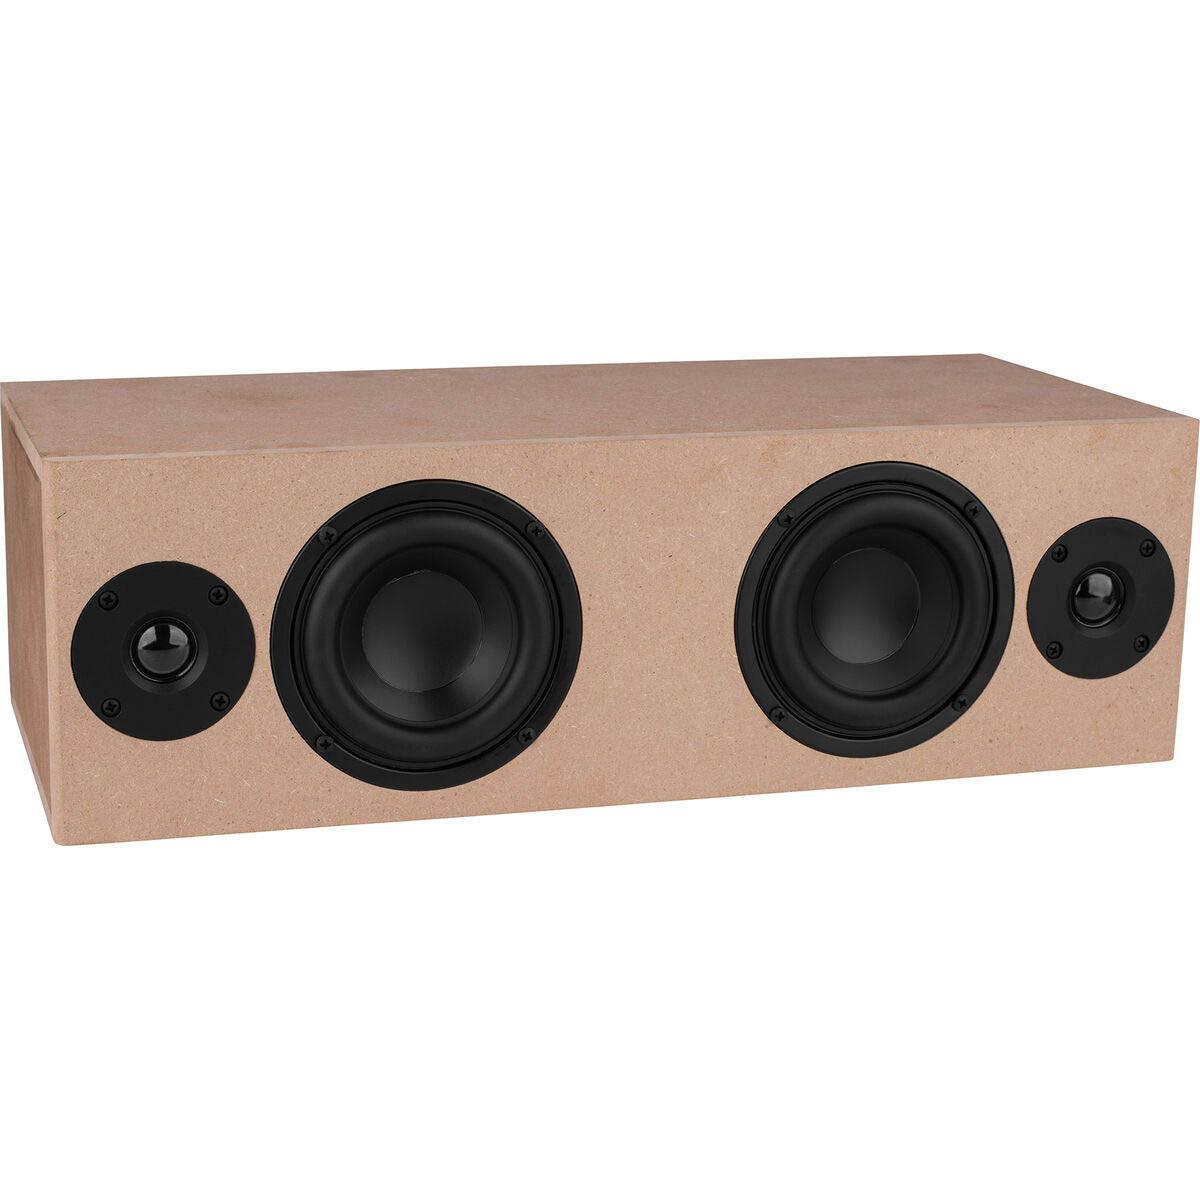 Dayton Audio MKBoom Portable Bluetooth Speaker Kit